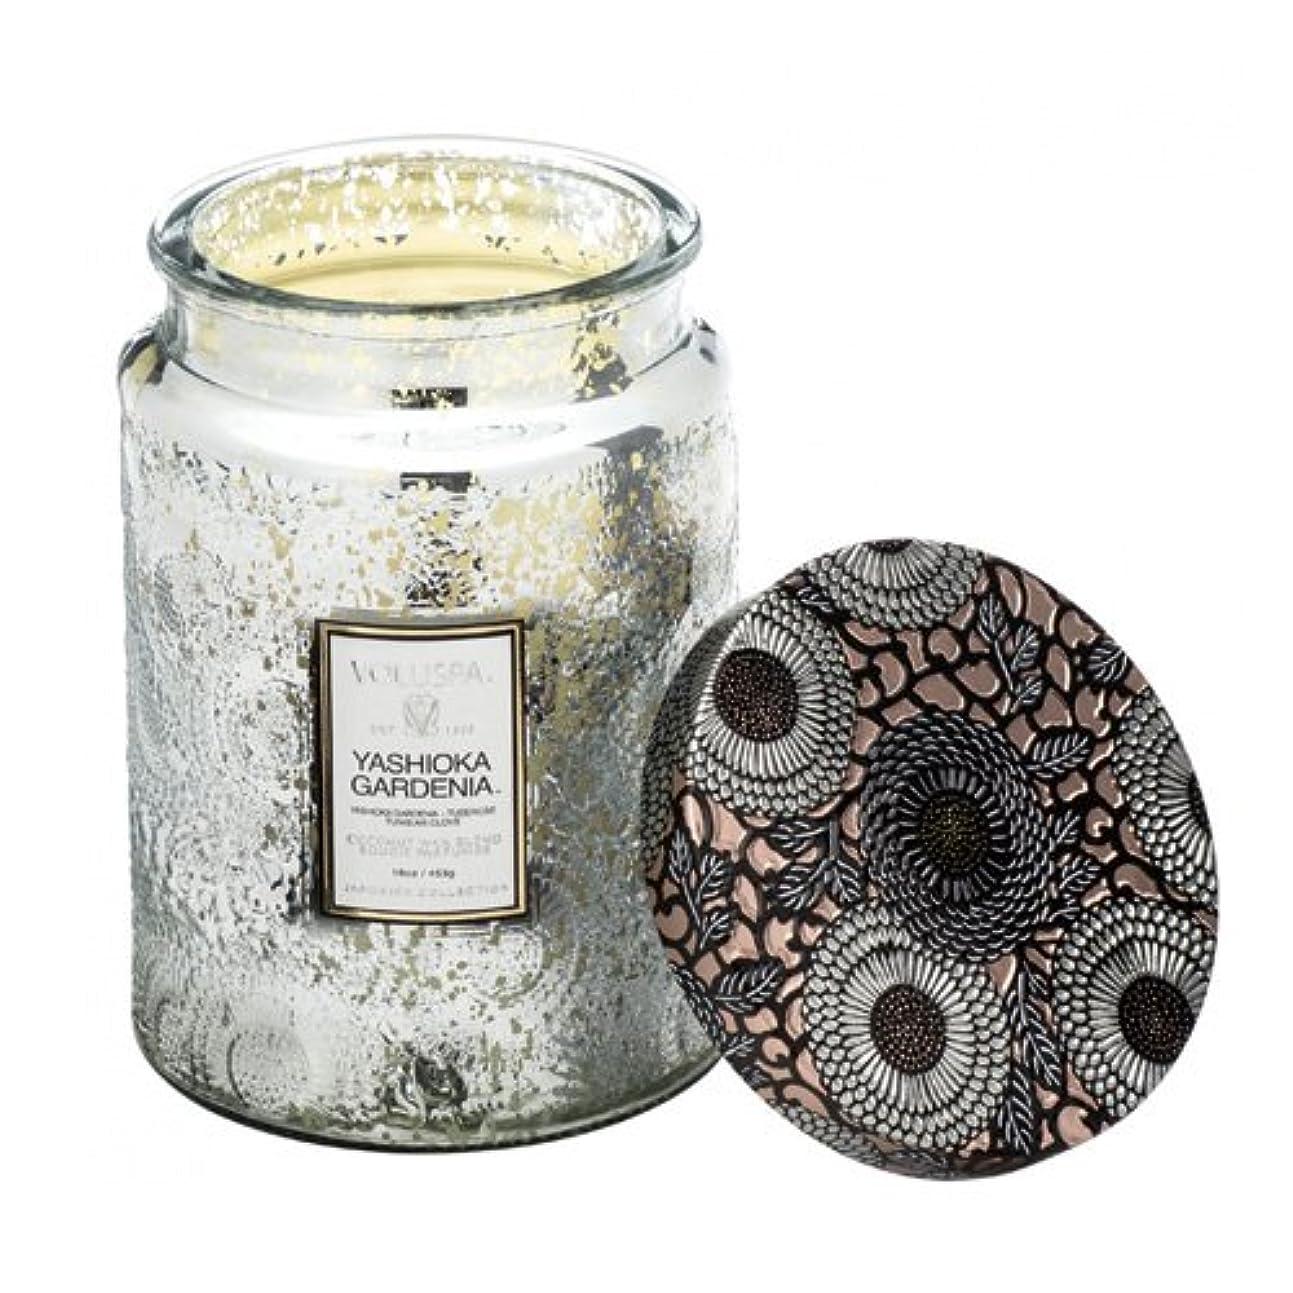 スラダム企業食品Voluspa ボルスパ ジャポニカ リミテッド グラスジャーキャンドル  L ヤシオカガーデニア YASHIOKA GARDENIA JAPONICA Limited LARGE EMBOSSED Glass jar candle